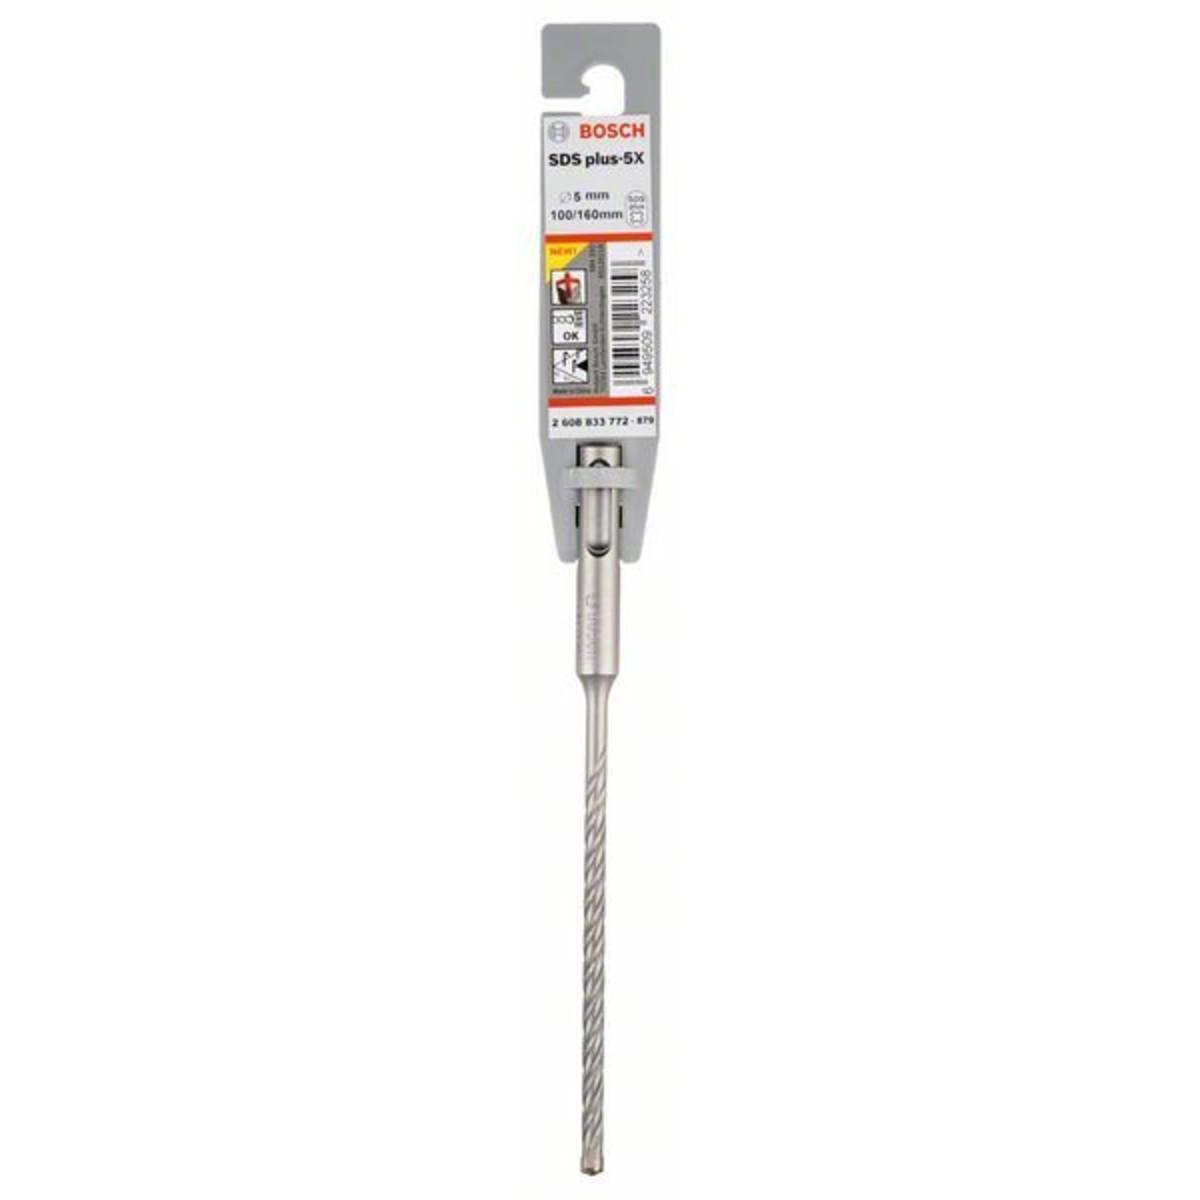 Бур по бетону SDS-plus 5X Bosch 5x100x160 мм